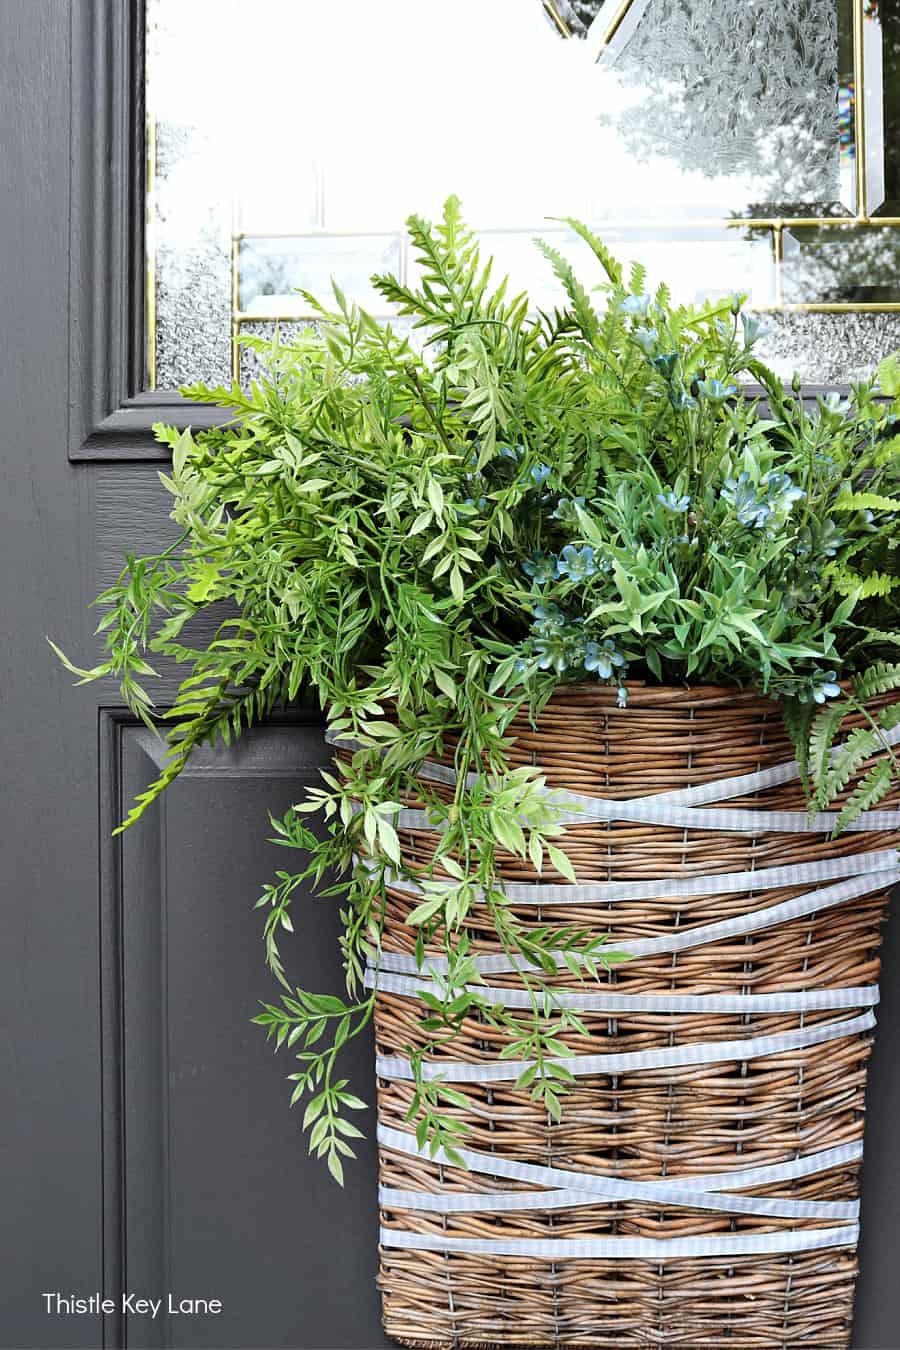 Summer front door basket with ferns.